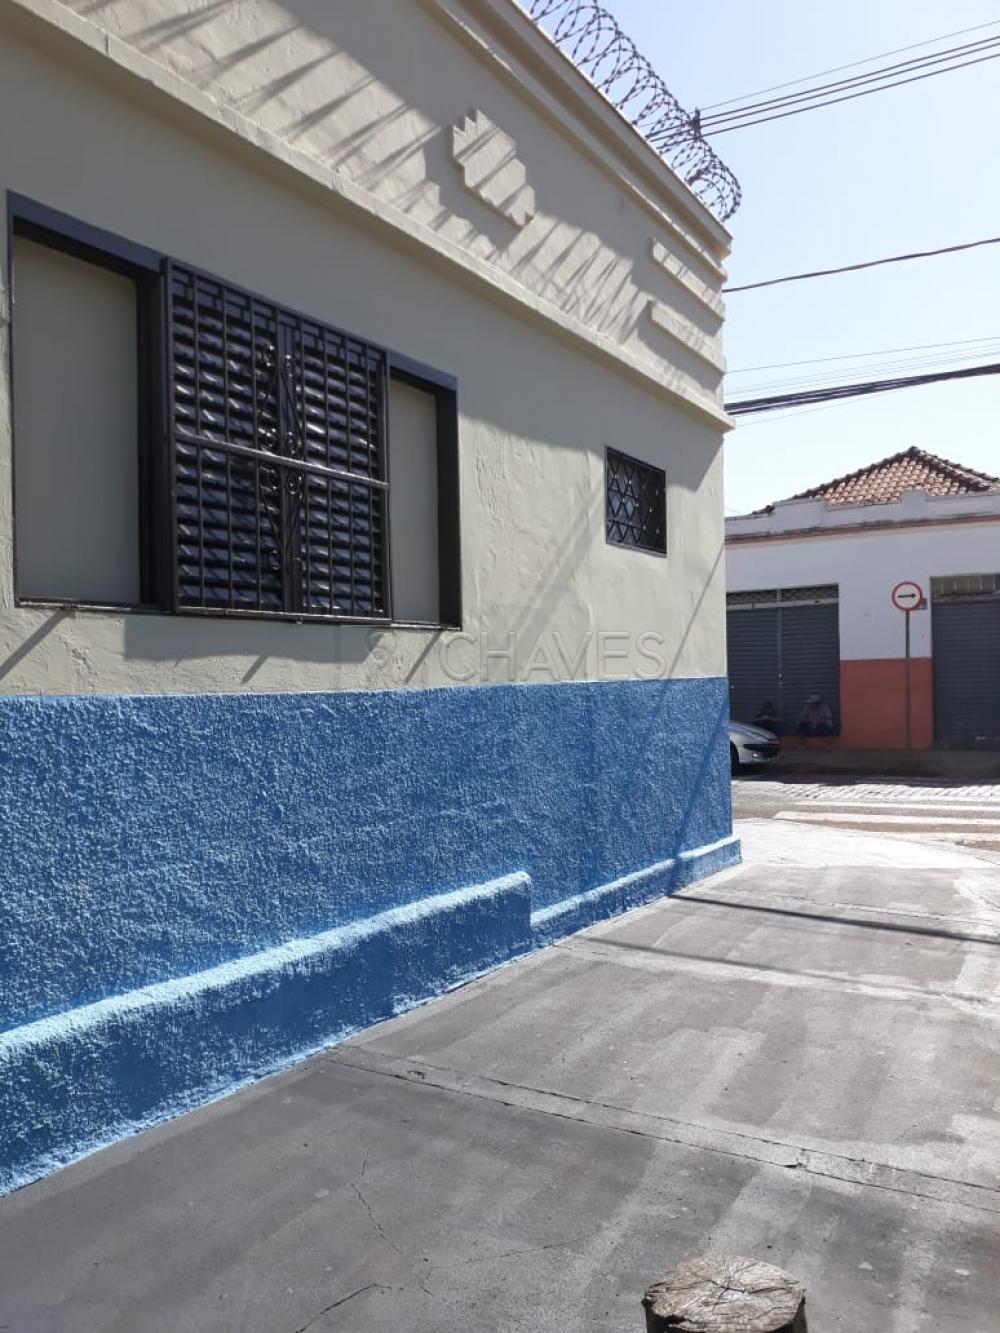 Alugar Comercial / Salão em Ribeirão Preto apenas R$ 900,00 - Foto 6